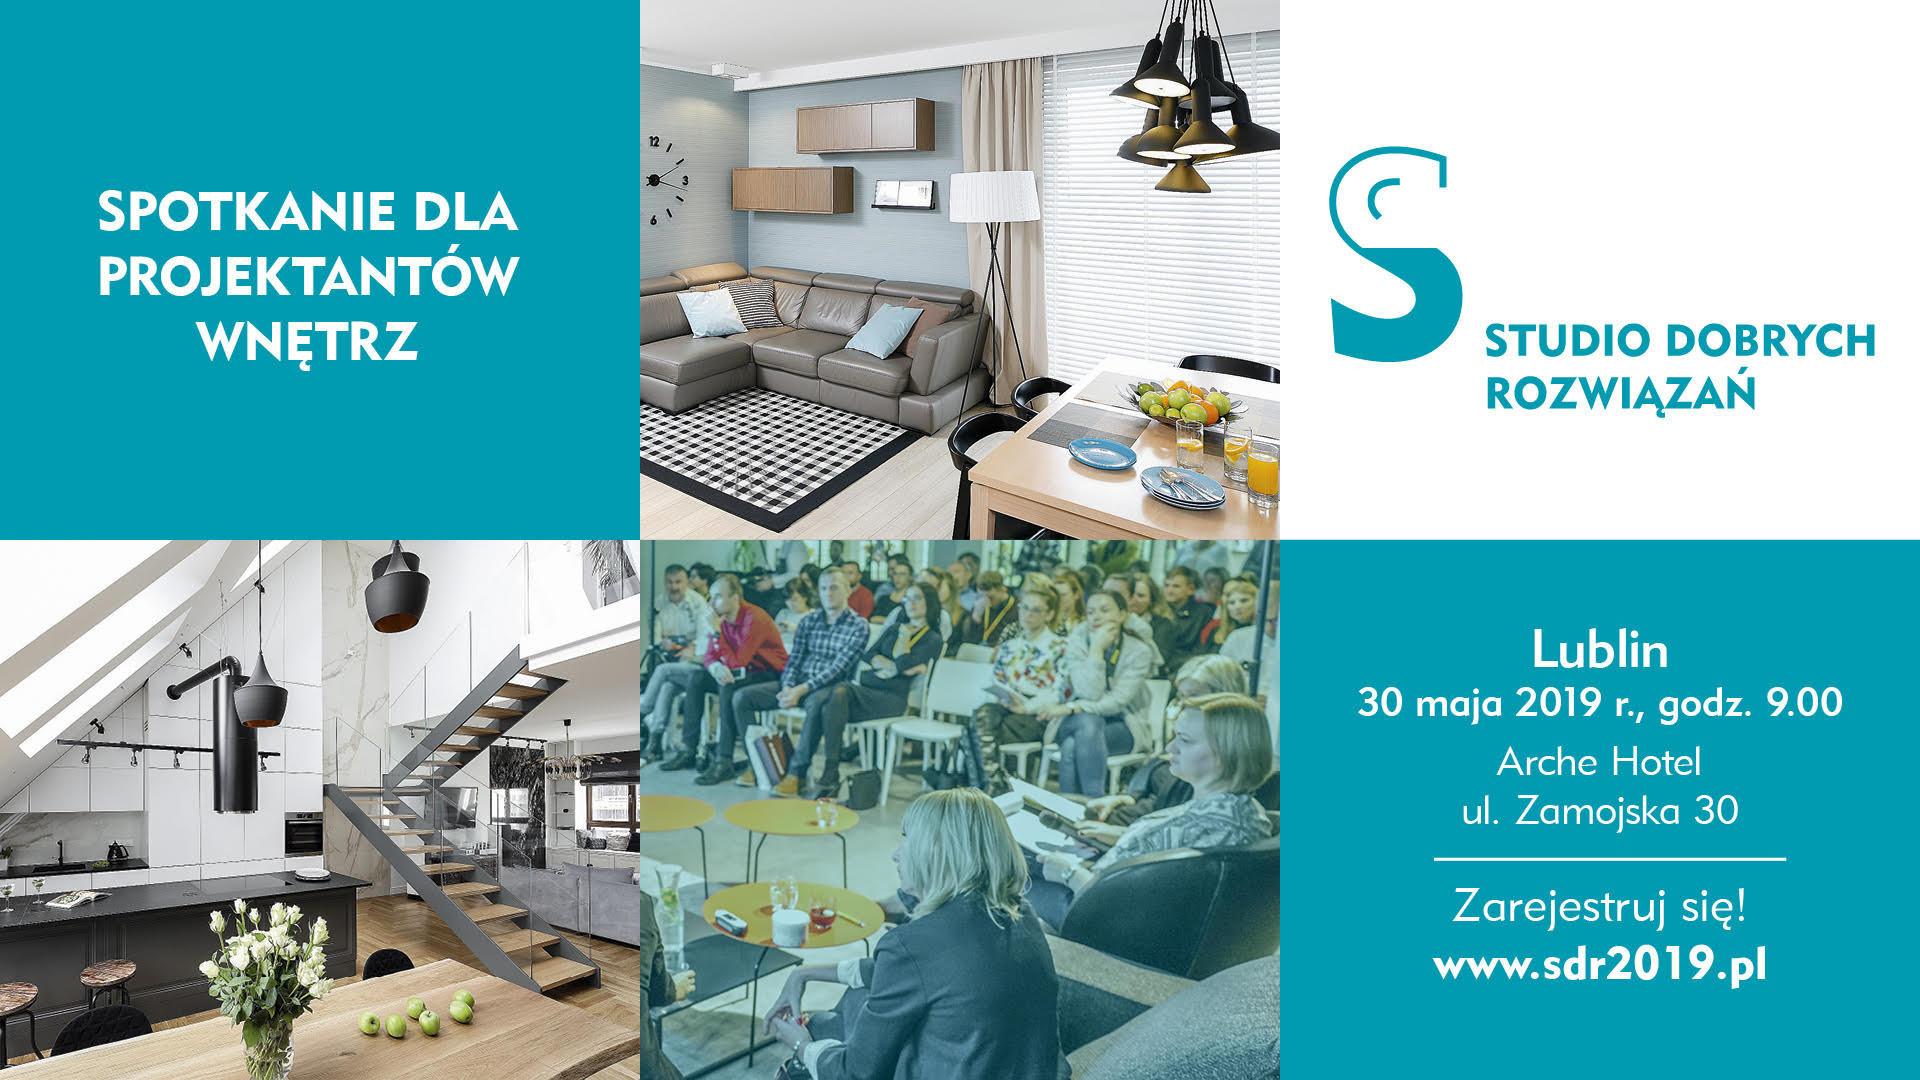 Studio Dobrych Rozwiązań w Lublinie - 30 maja 2019.